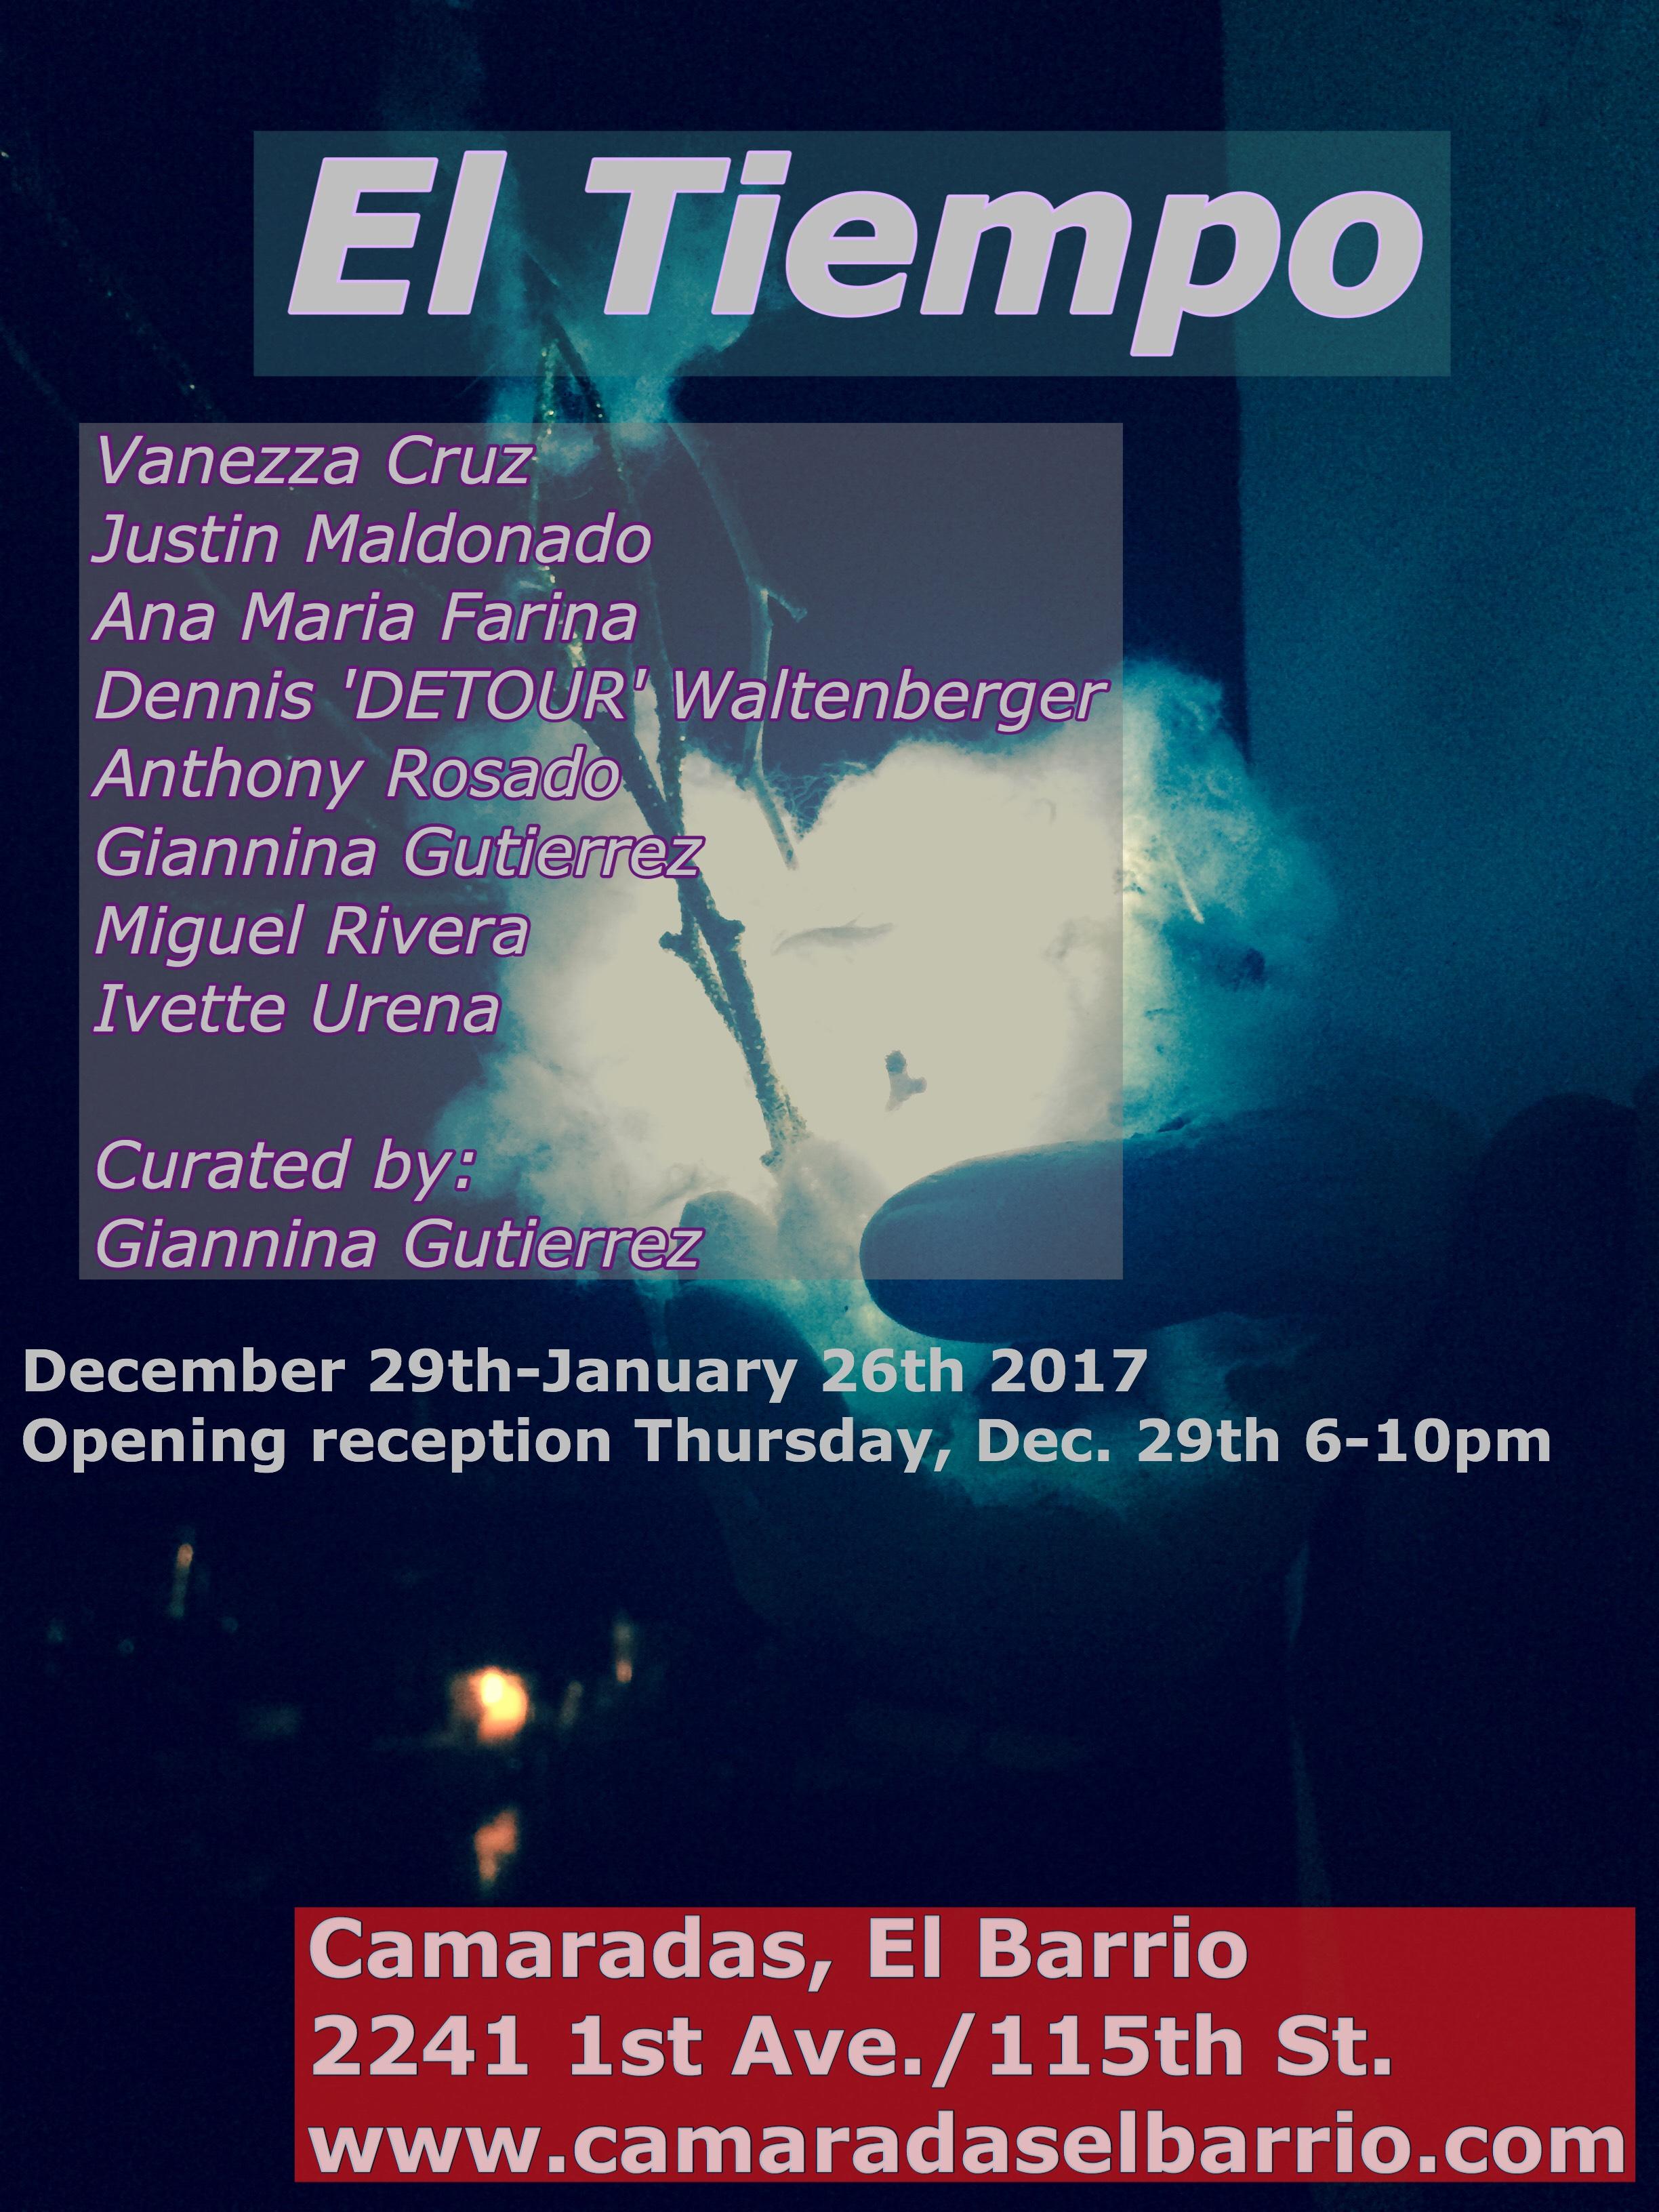 El Tiempo, Camaradas El Barrio December 2016